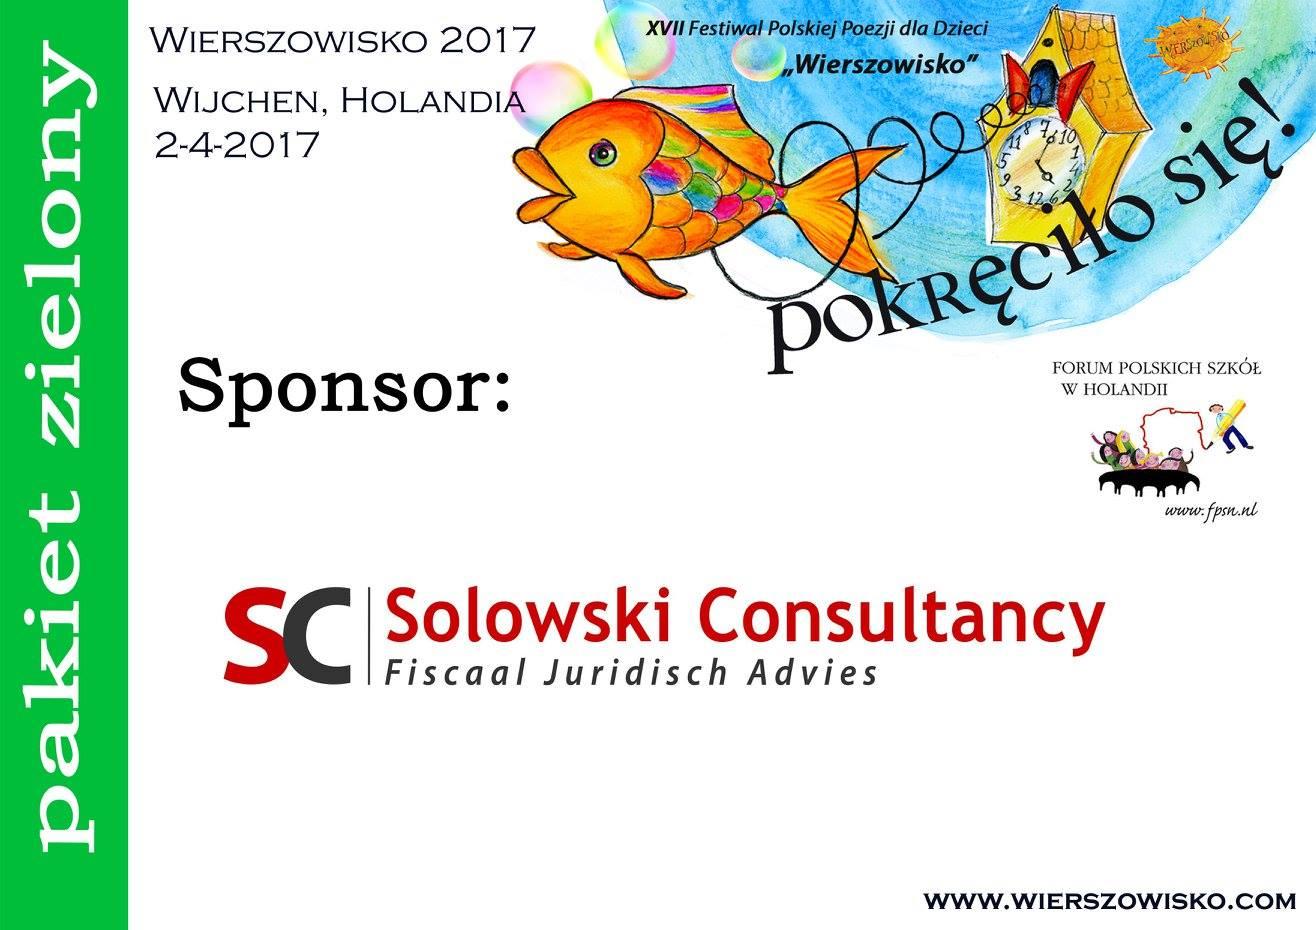 solowski